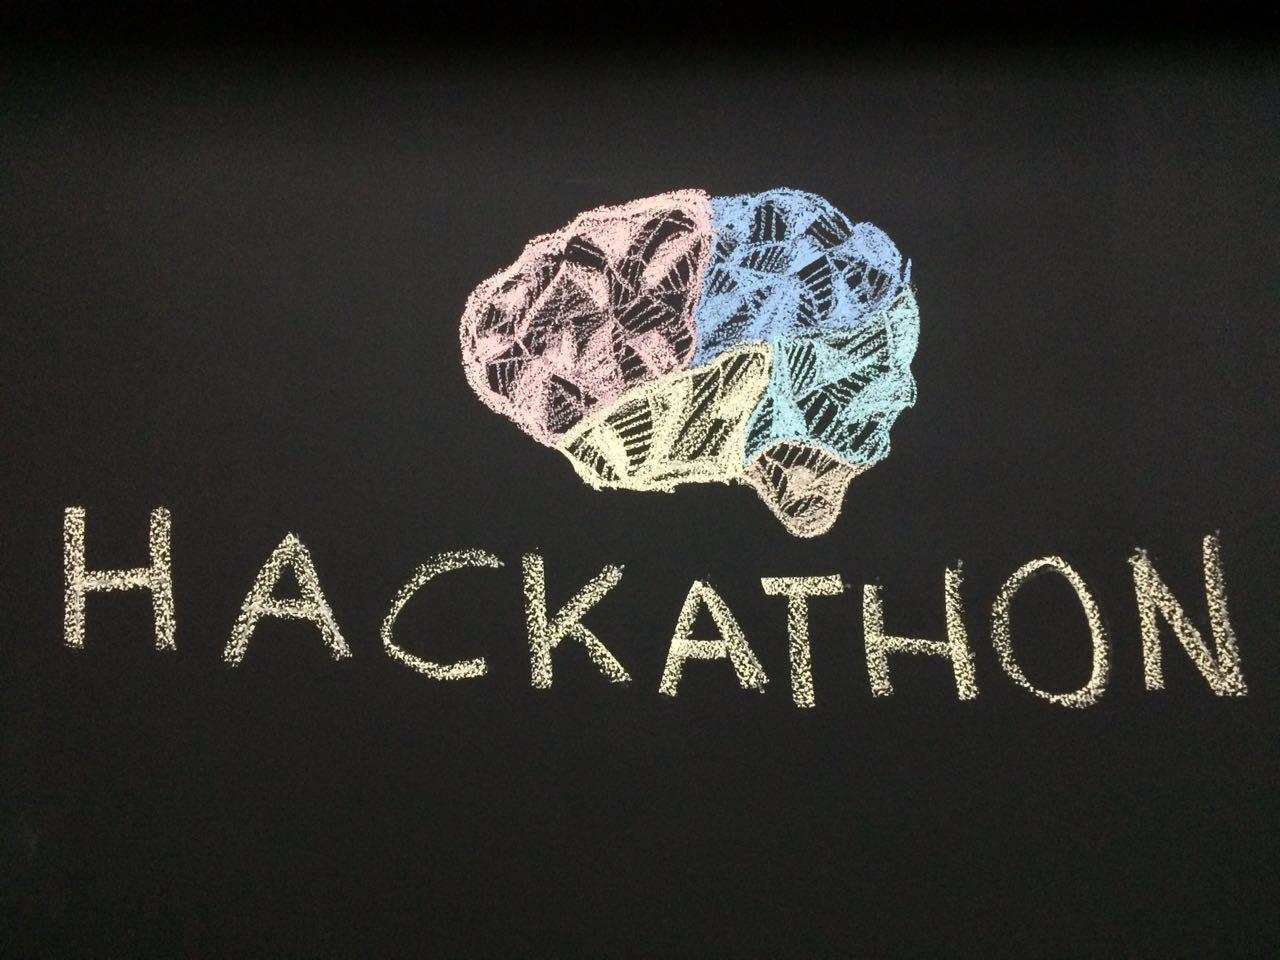 Hackathon #Desenvolve SC E Seus Desdobramentos